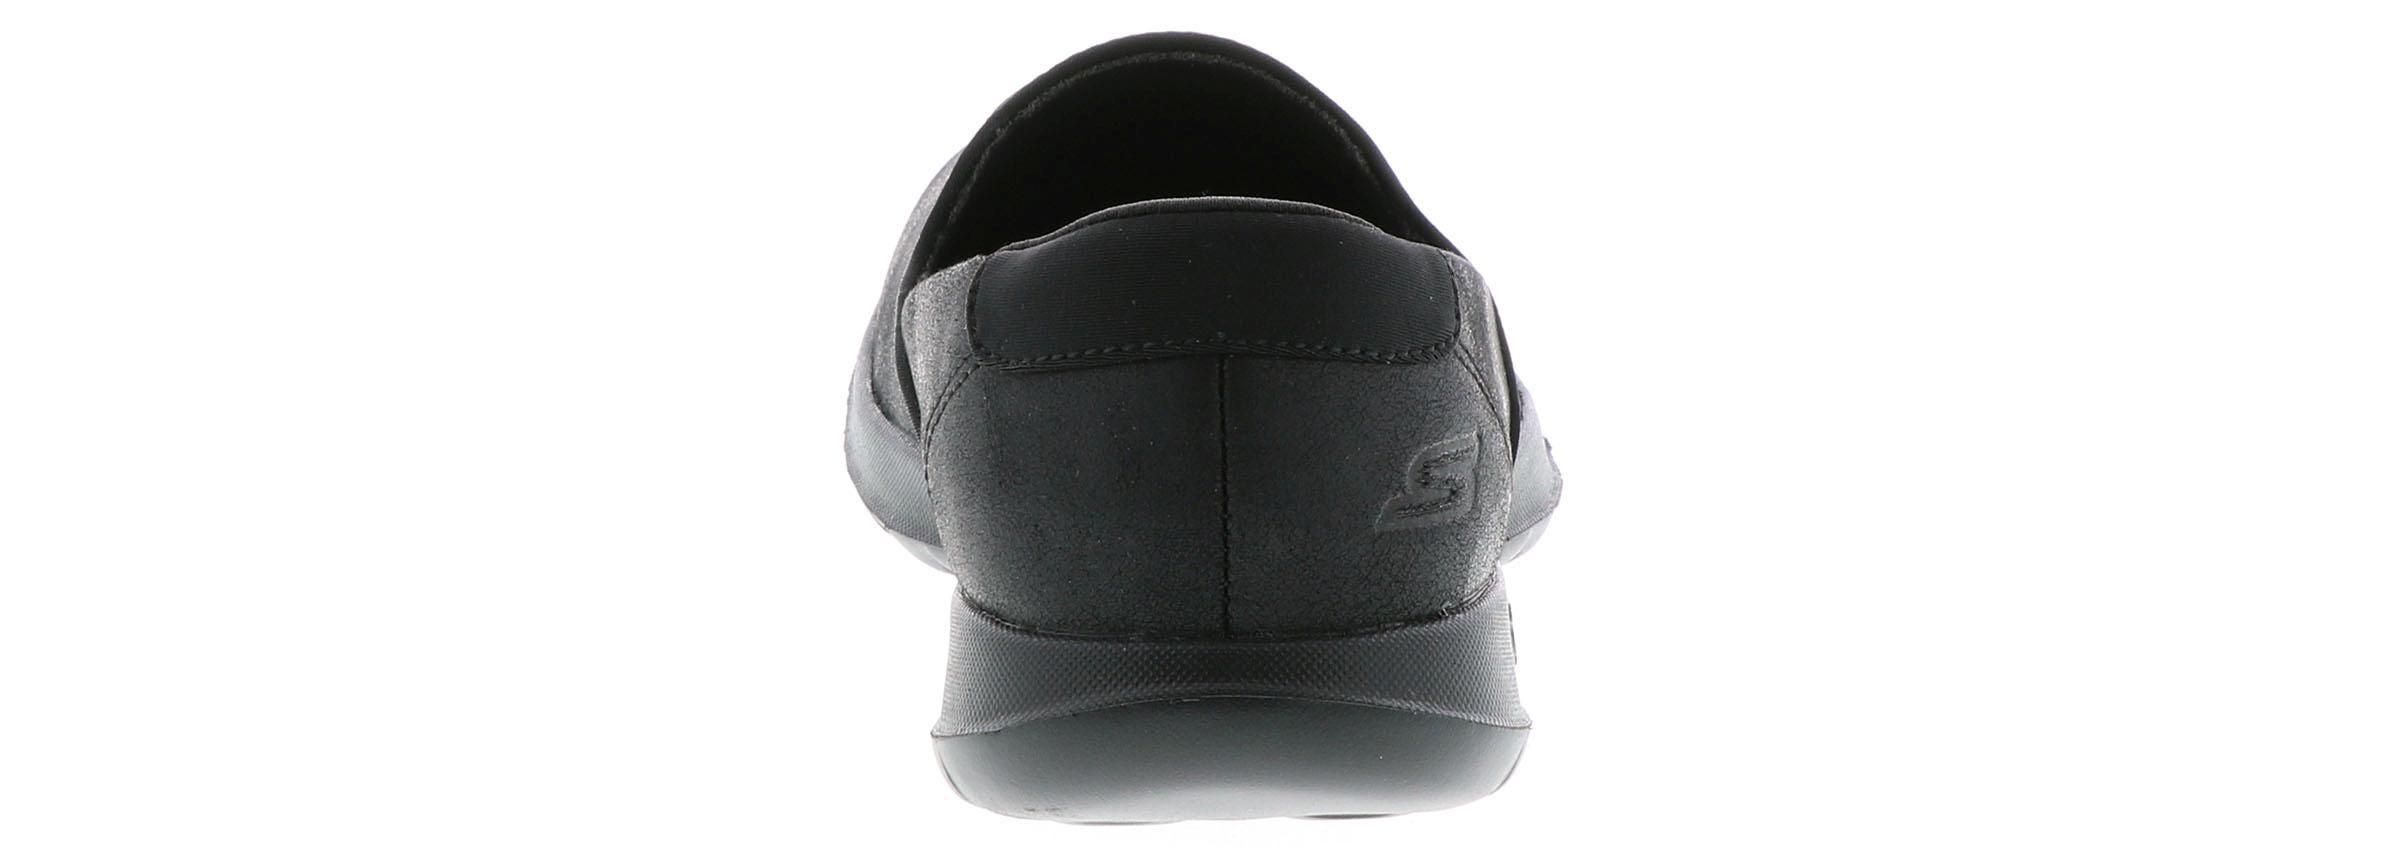 Skechers GoWalk Lite Queenly Slip On